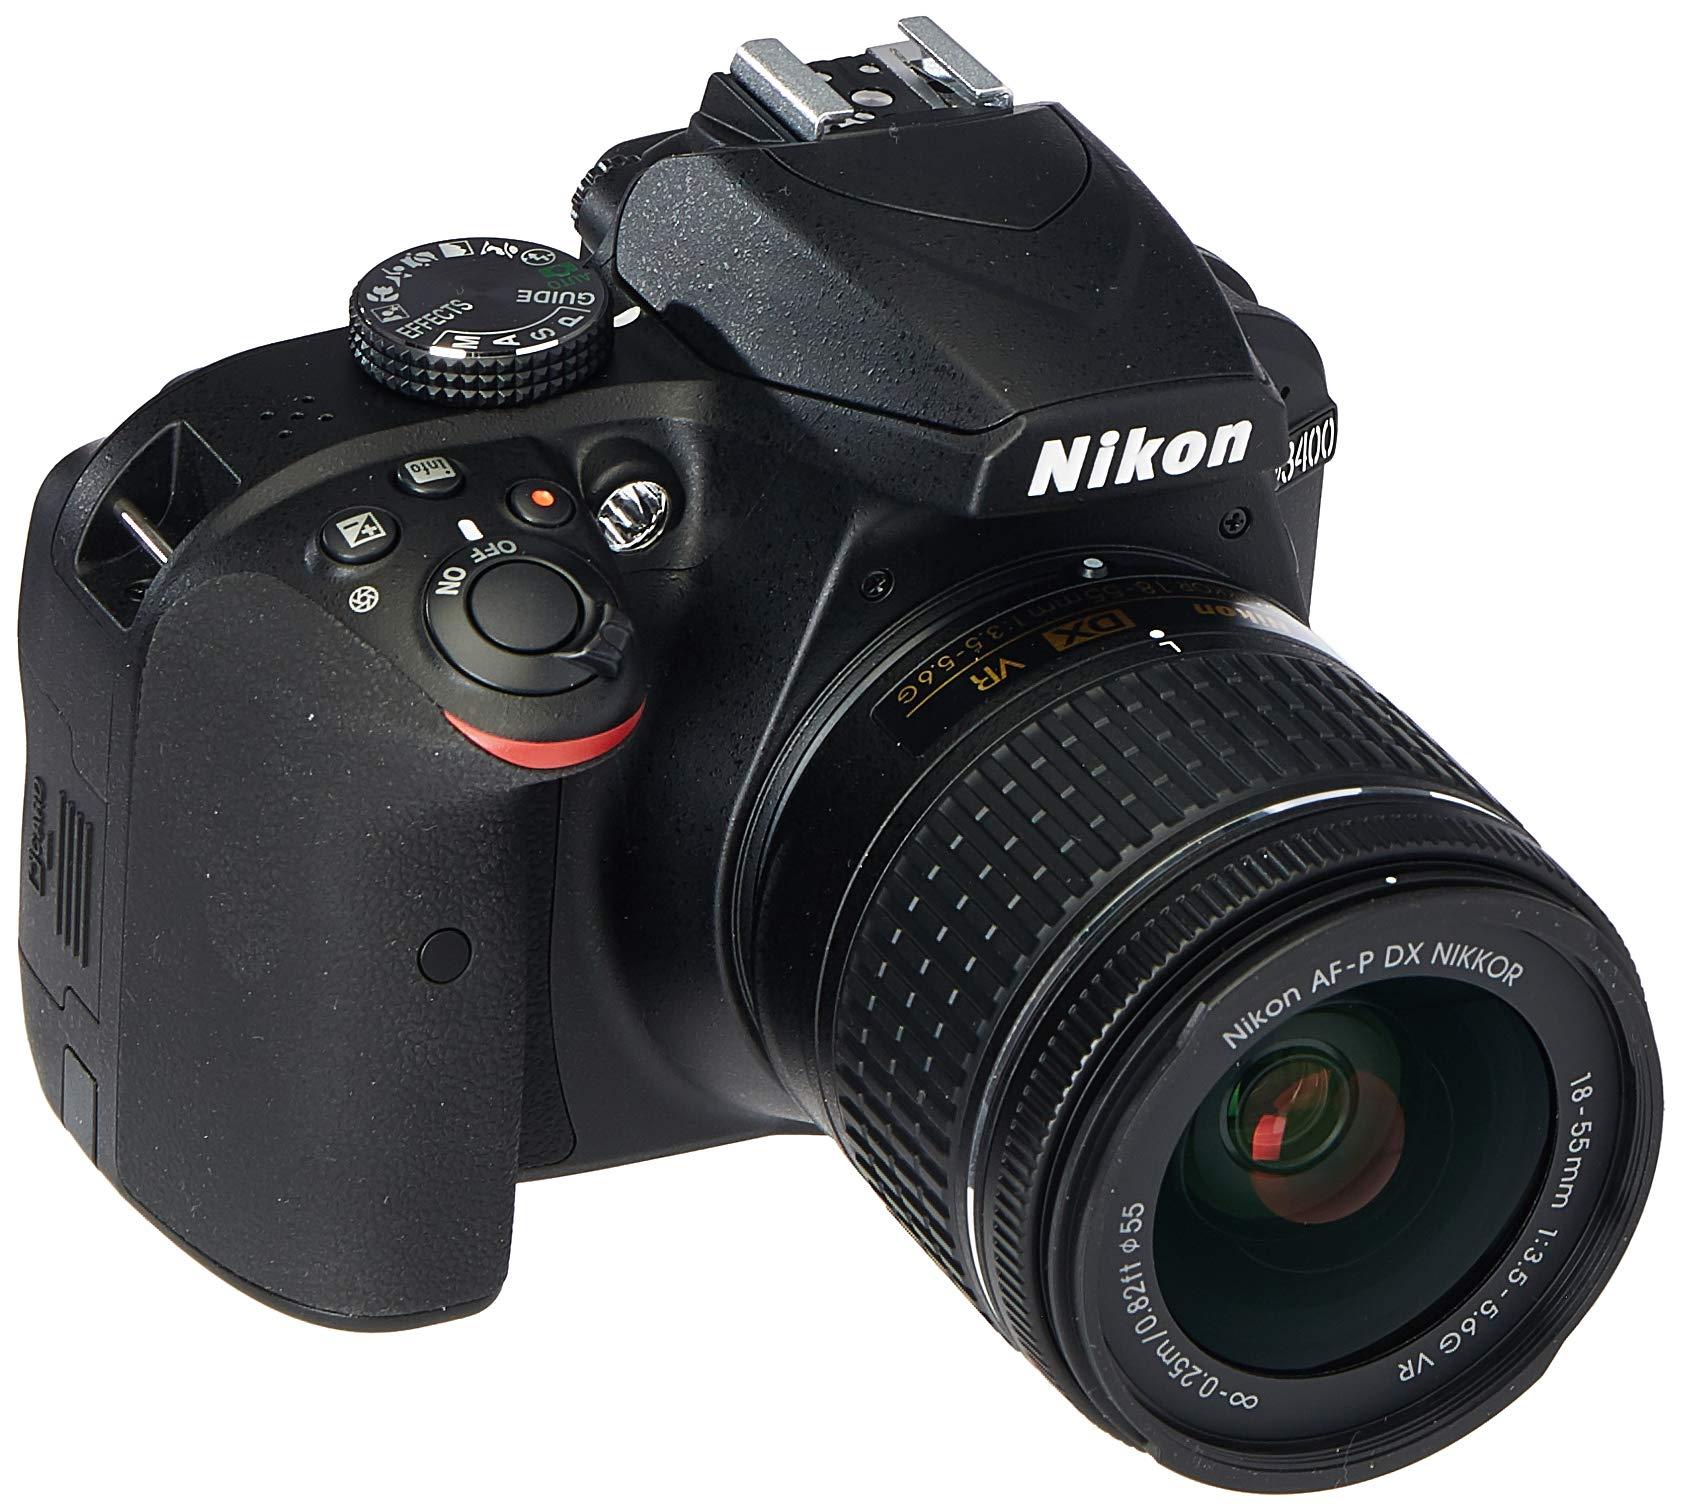 Nikon D3400 Digital SLR Camera & 18-55mm VR DX AF-P Zoom